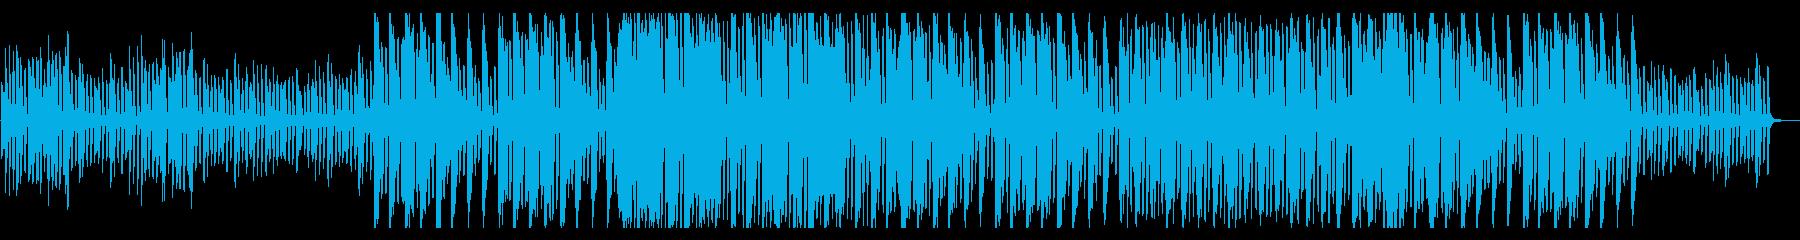 ほのぼのとした日常BGMピアノの再生済みの波形